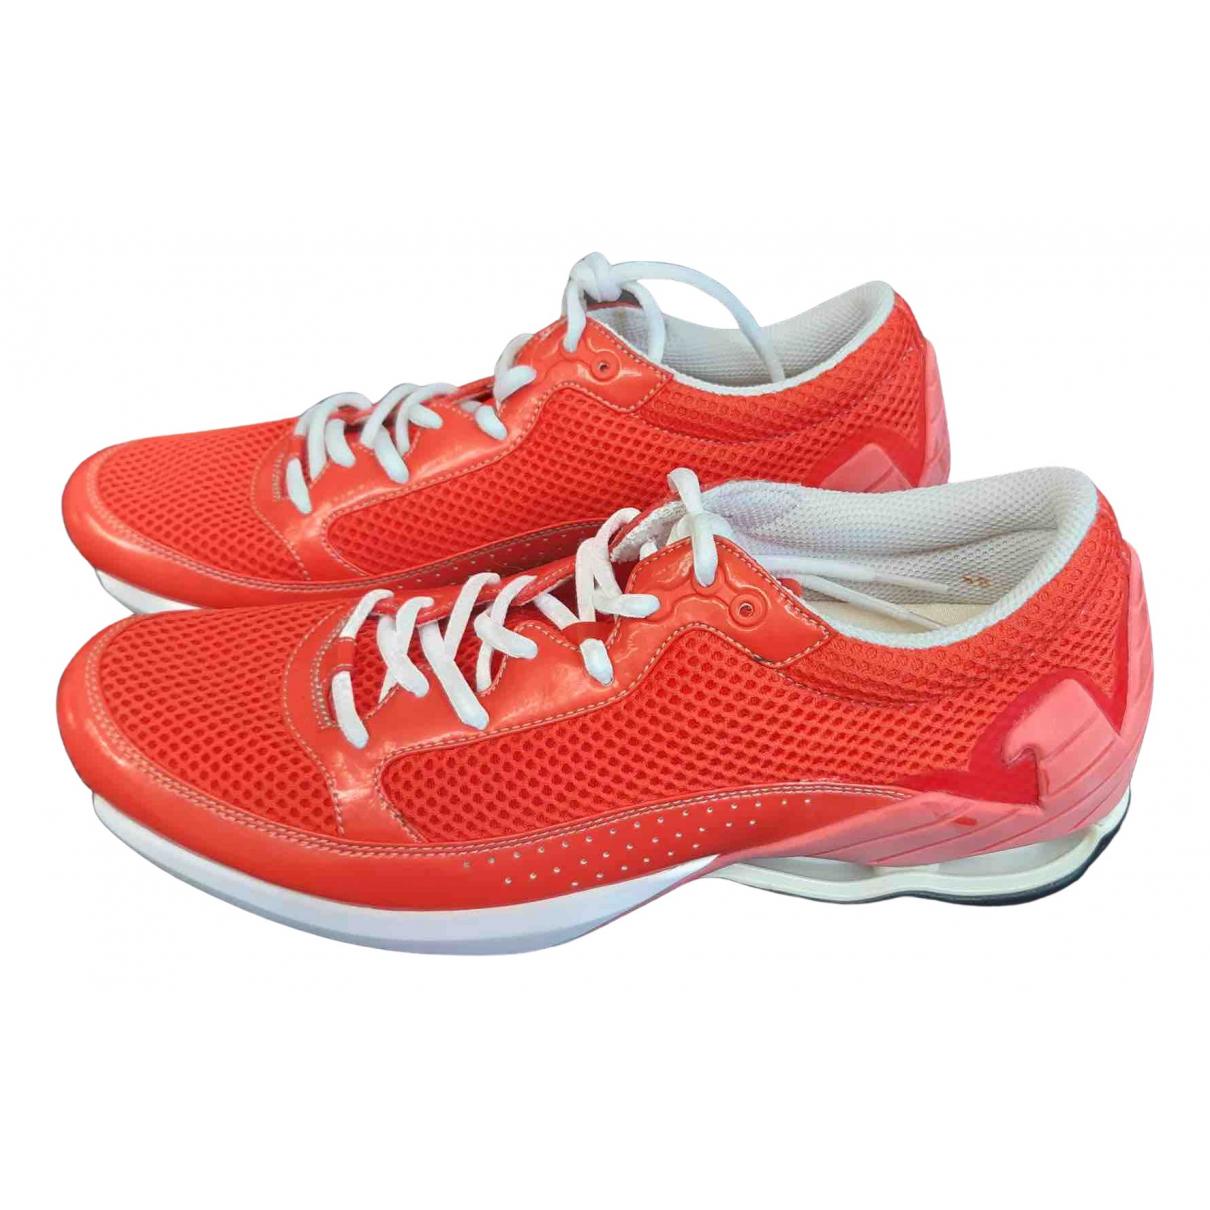 Emporio Armani - Baskets   pour homme en autre - orange